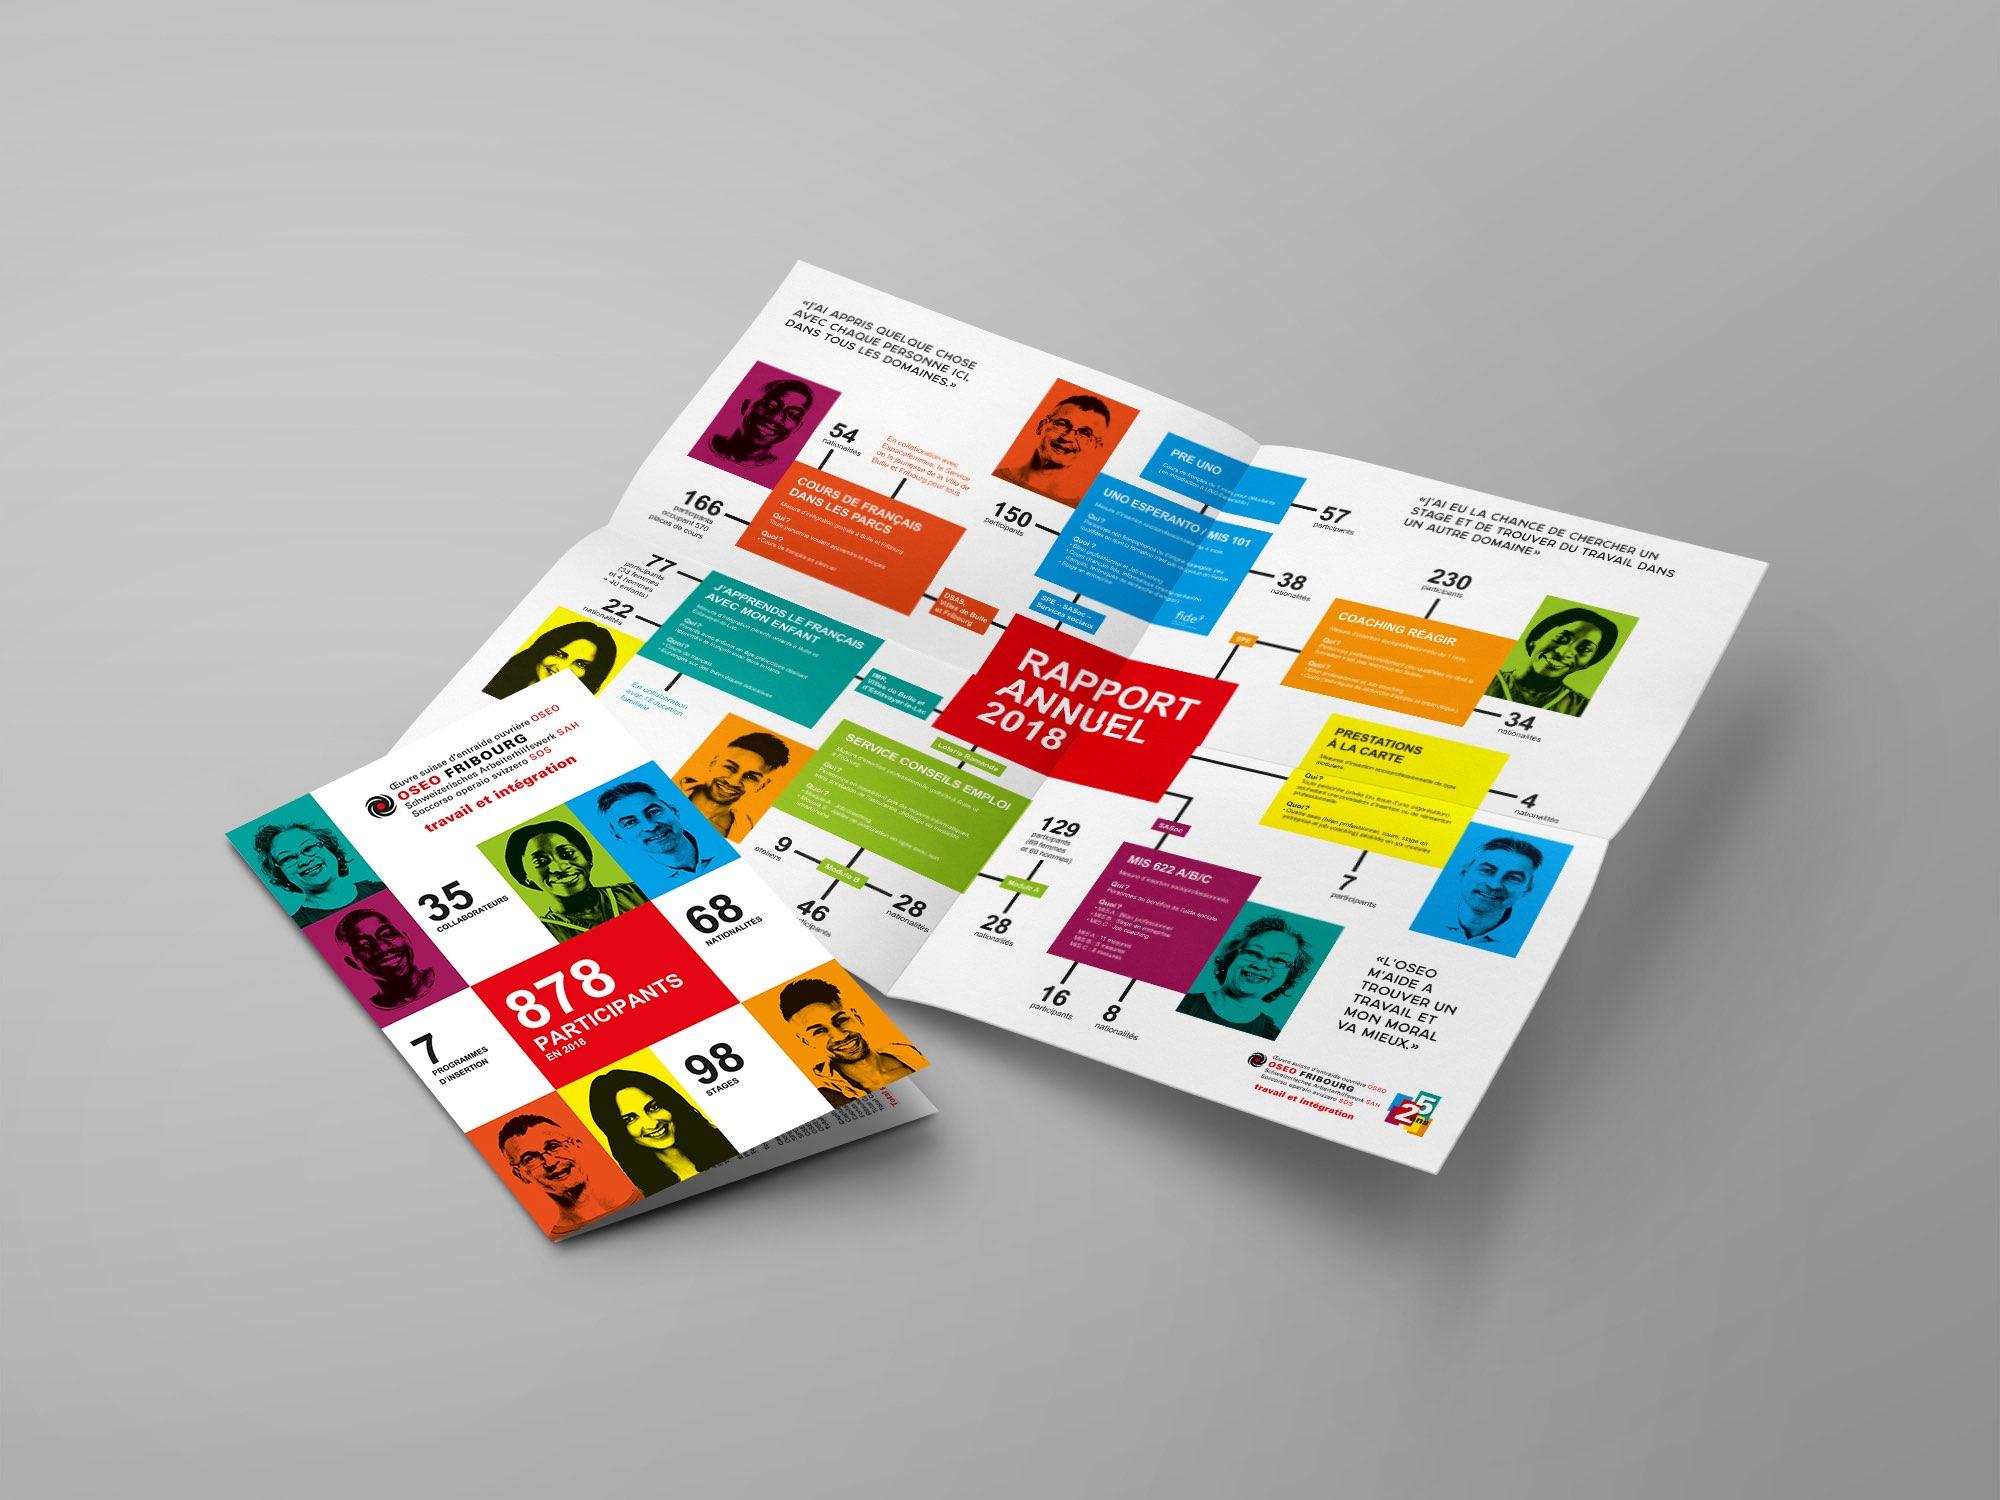 OSEO Fribourg – Rapport annuel par Créambule